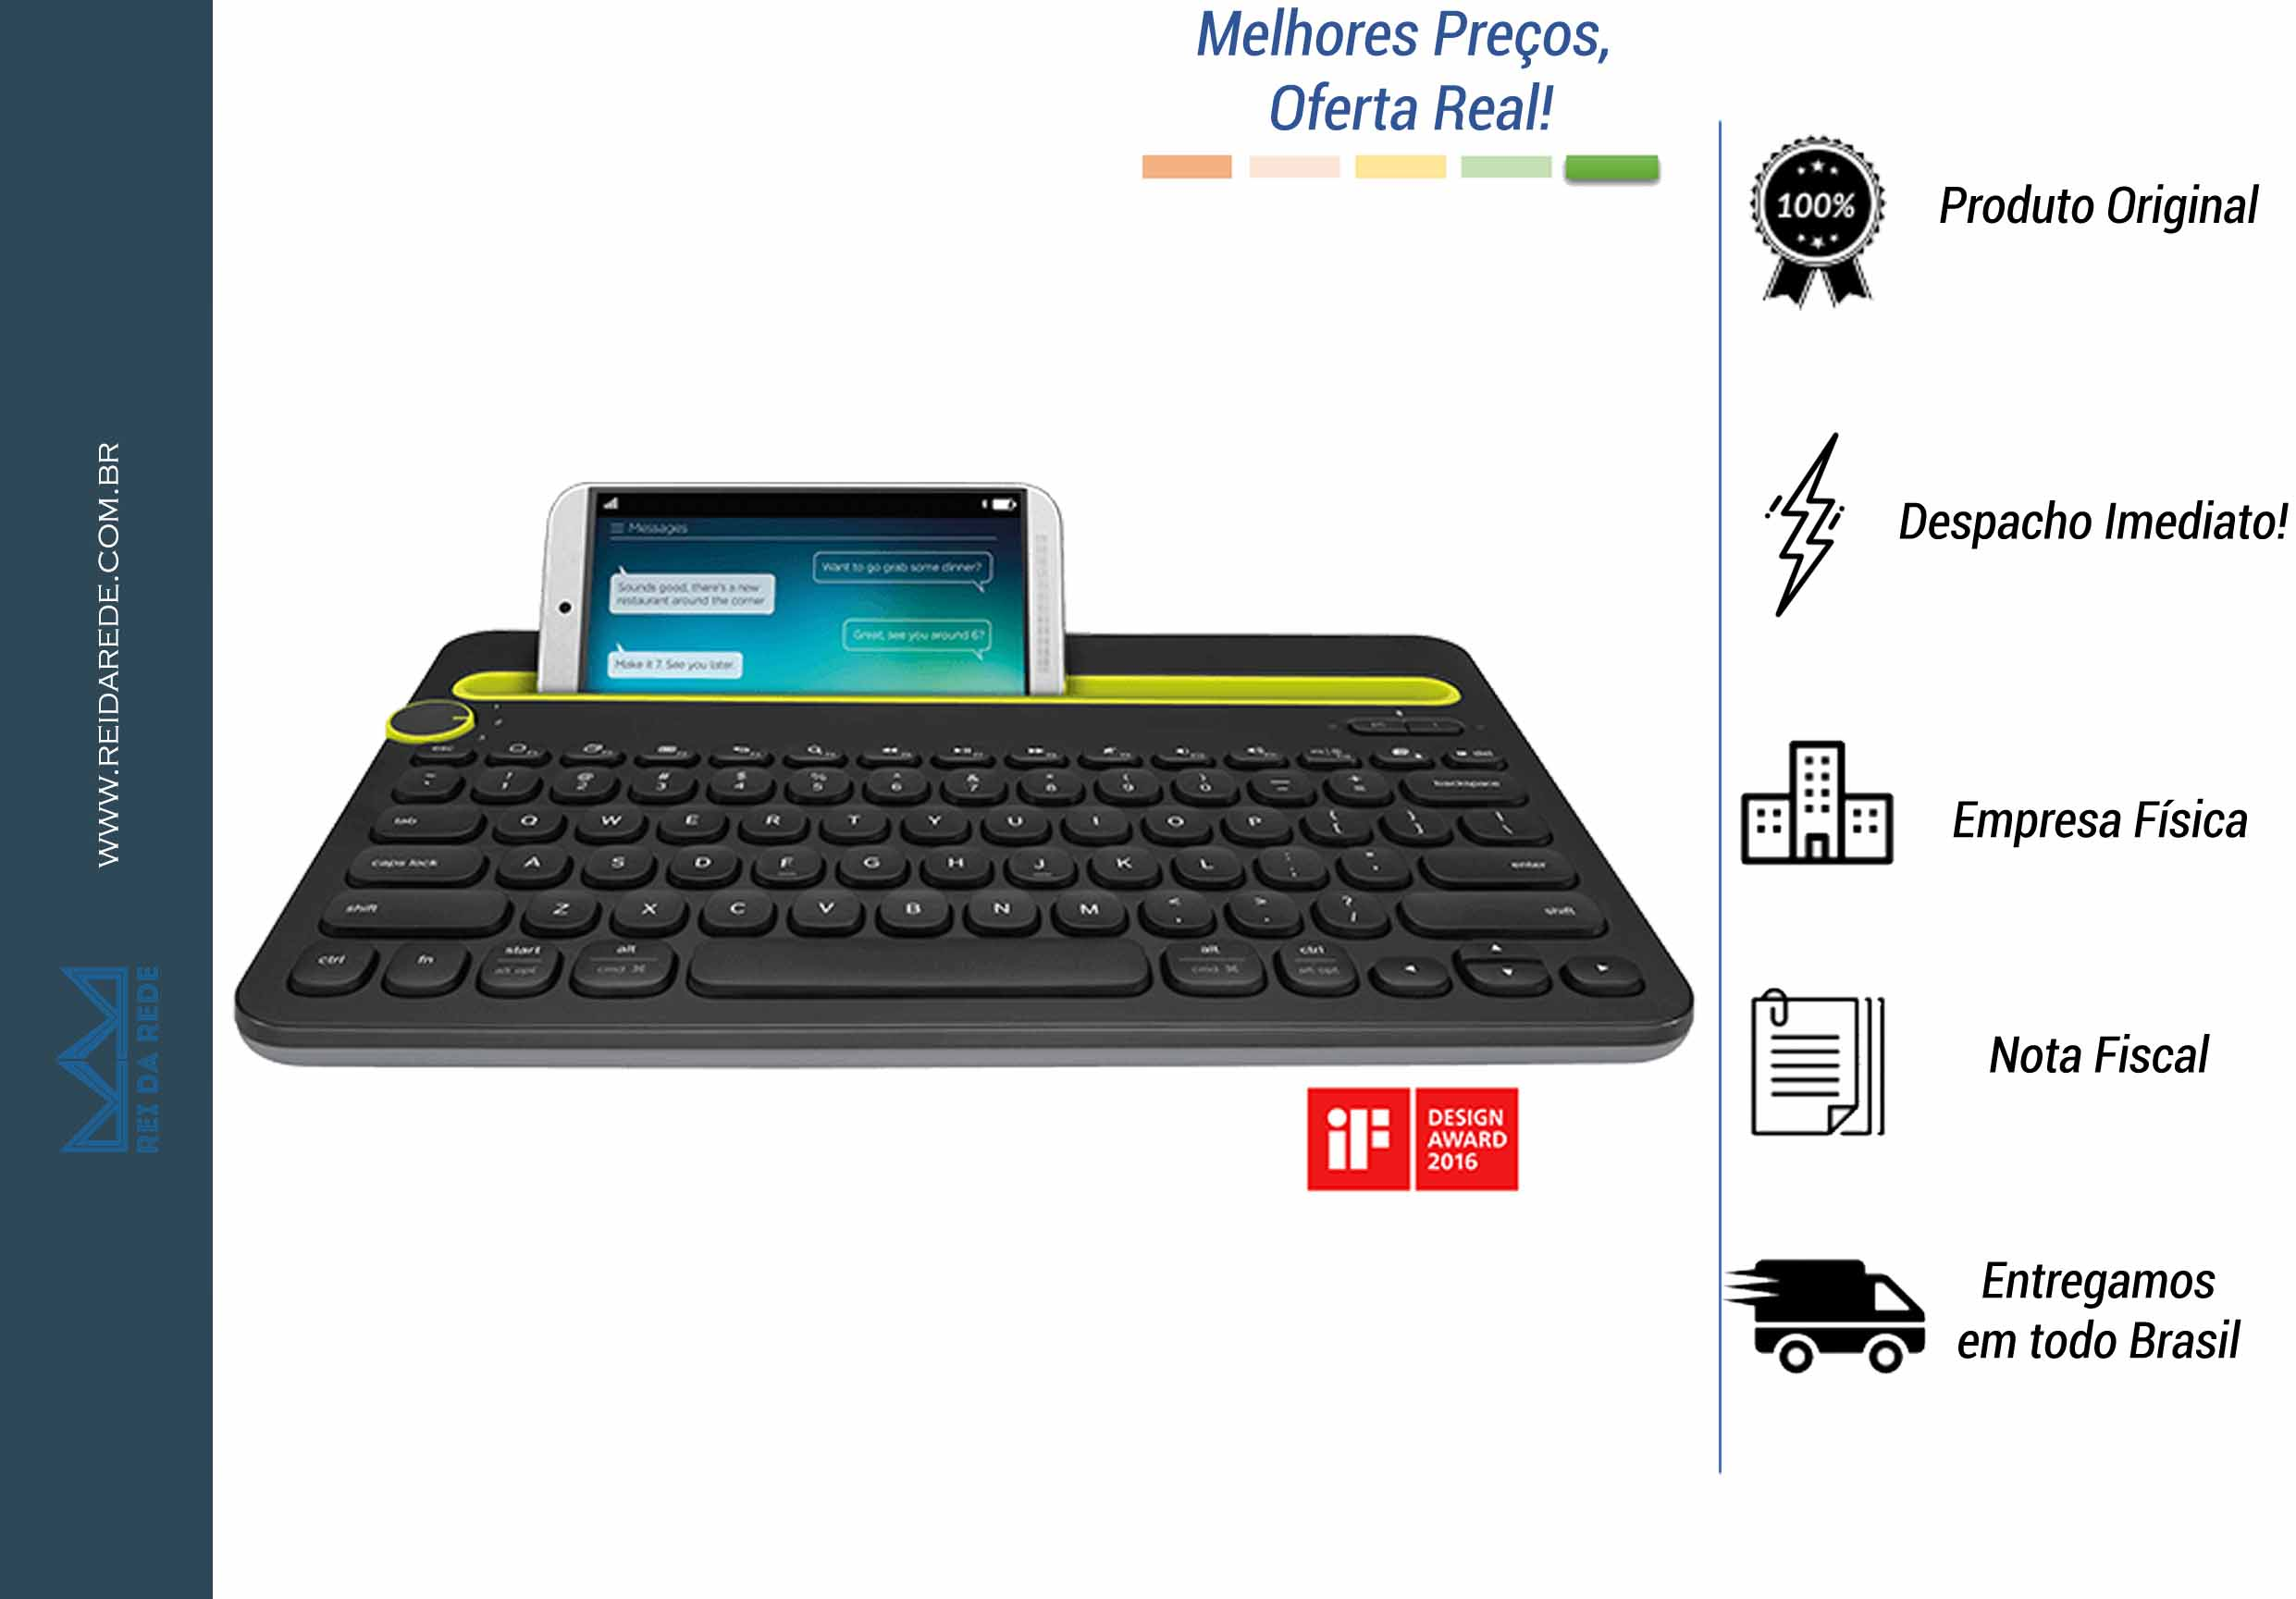 Teclado Bluetooth para PC TABLET e SMARTPHONE K480 LOGITECH Preto